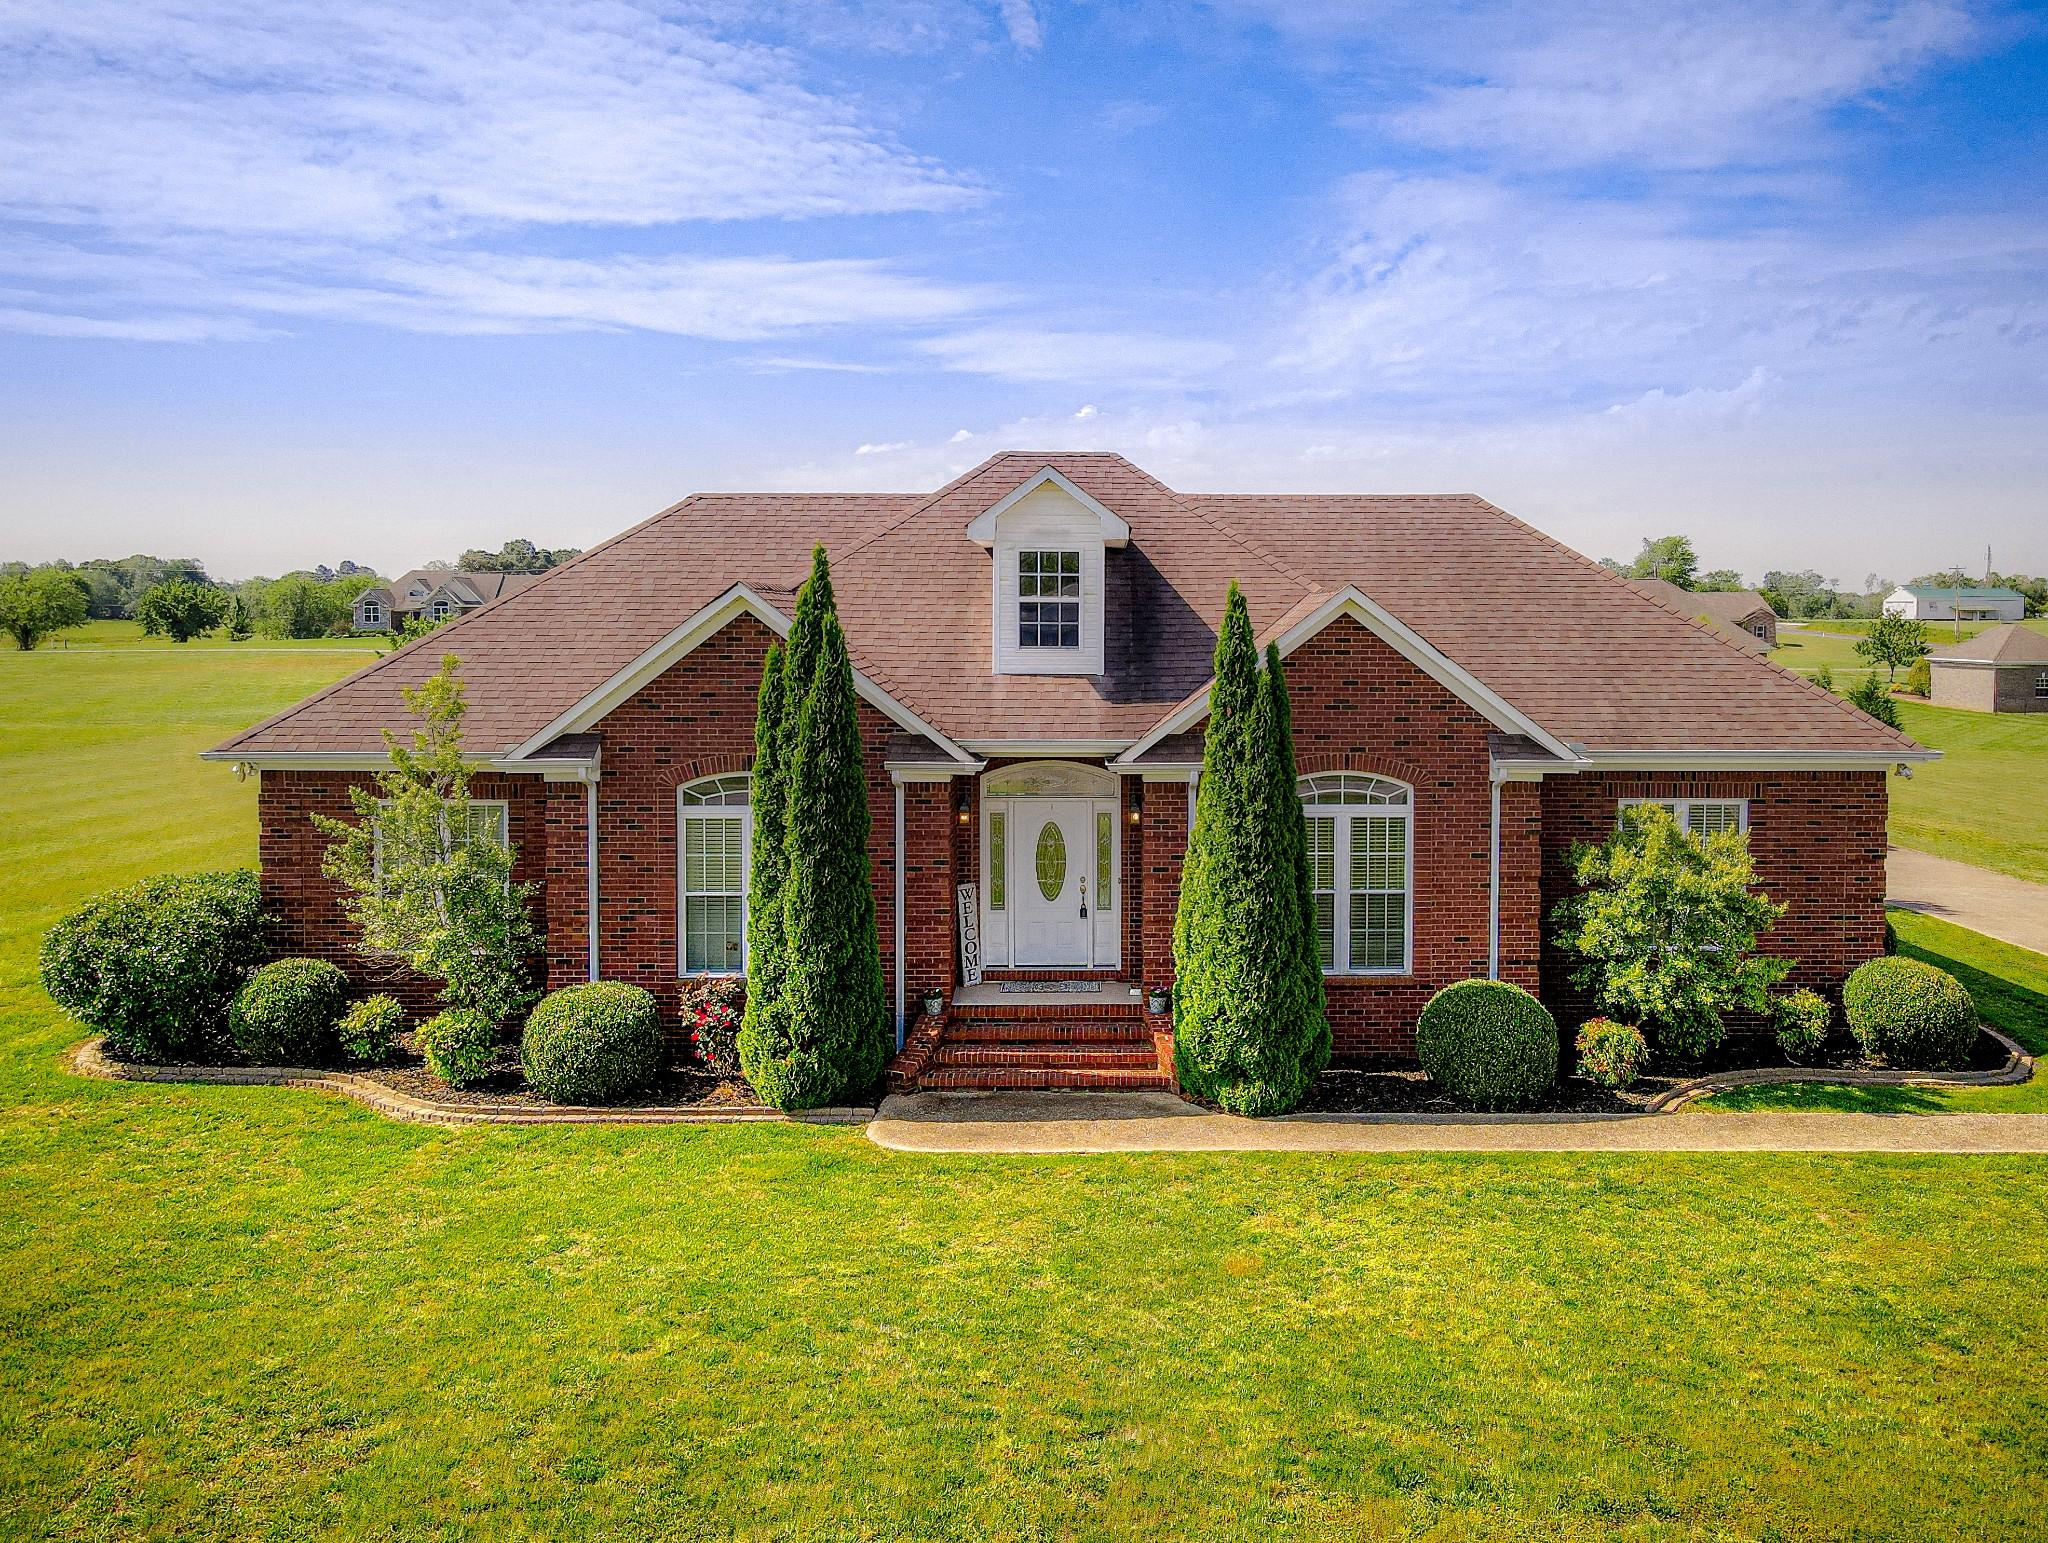 51 Dry Weakley Rd, Ethridge, TN 38456 - Ethridge, TN real estate listing